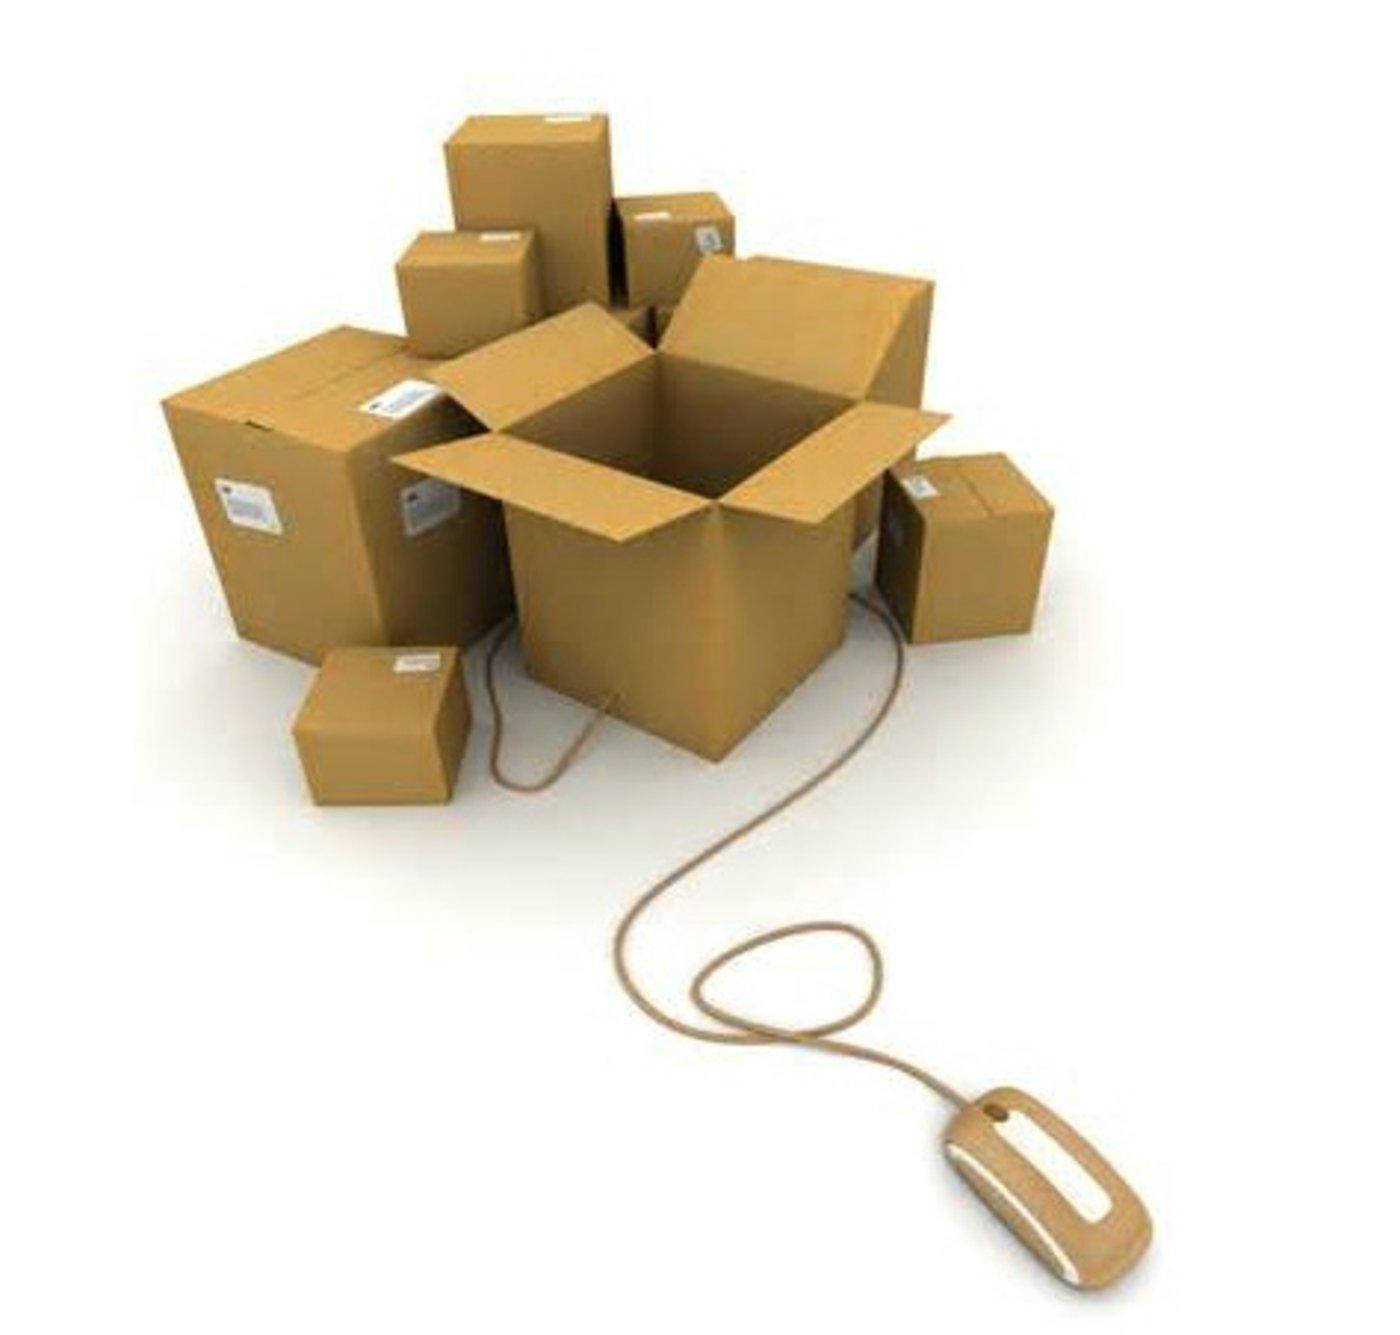 电子商务的物流需解决五个问题